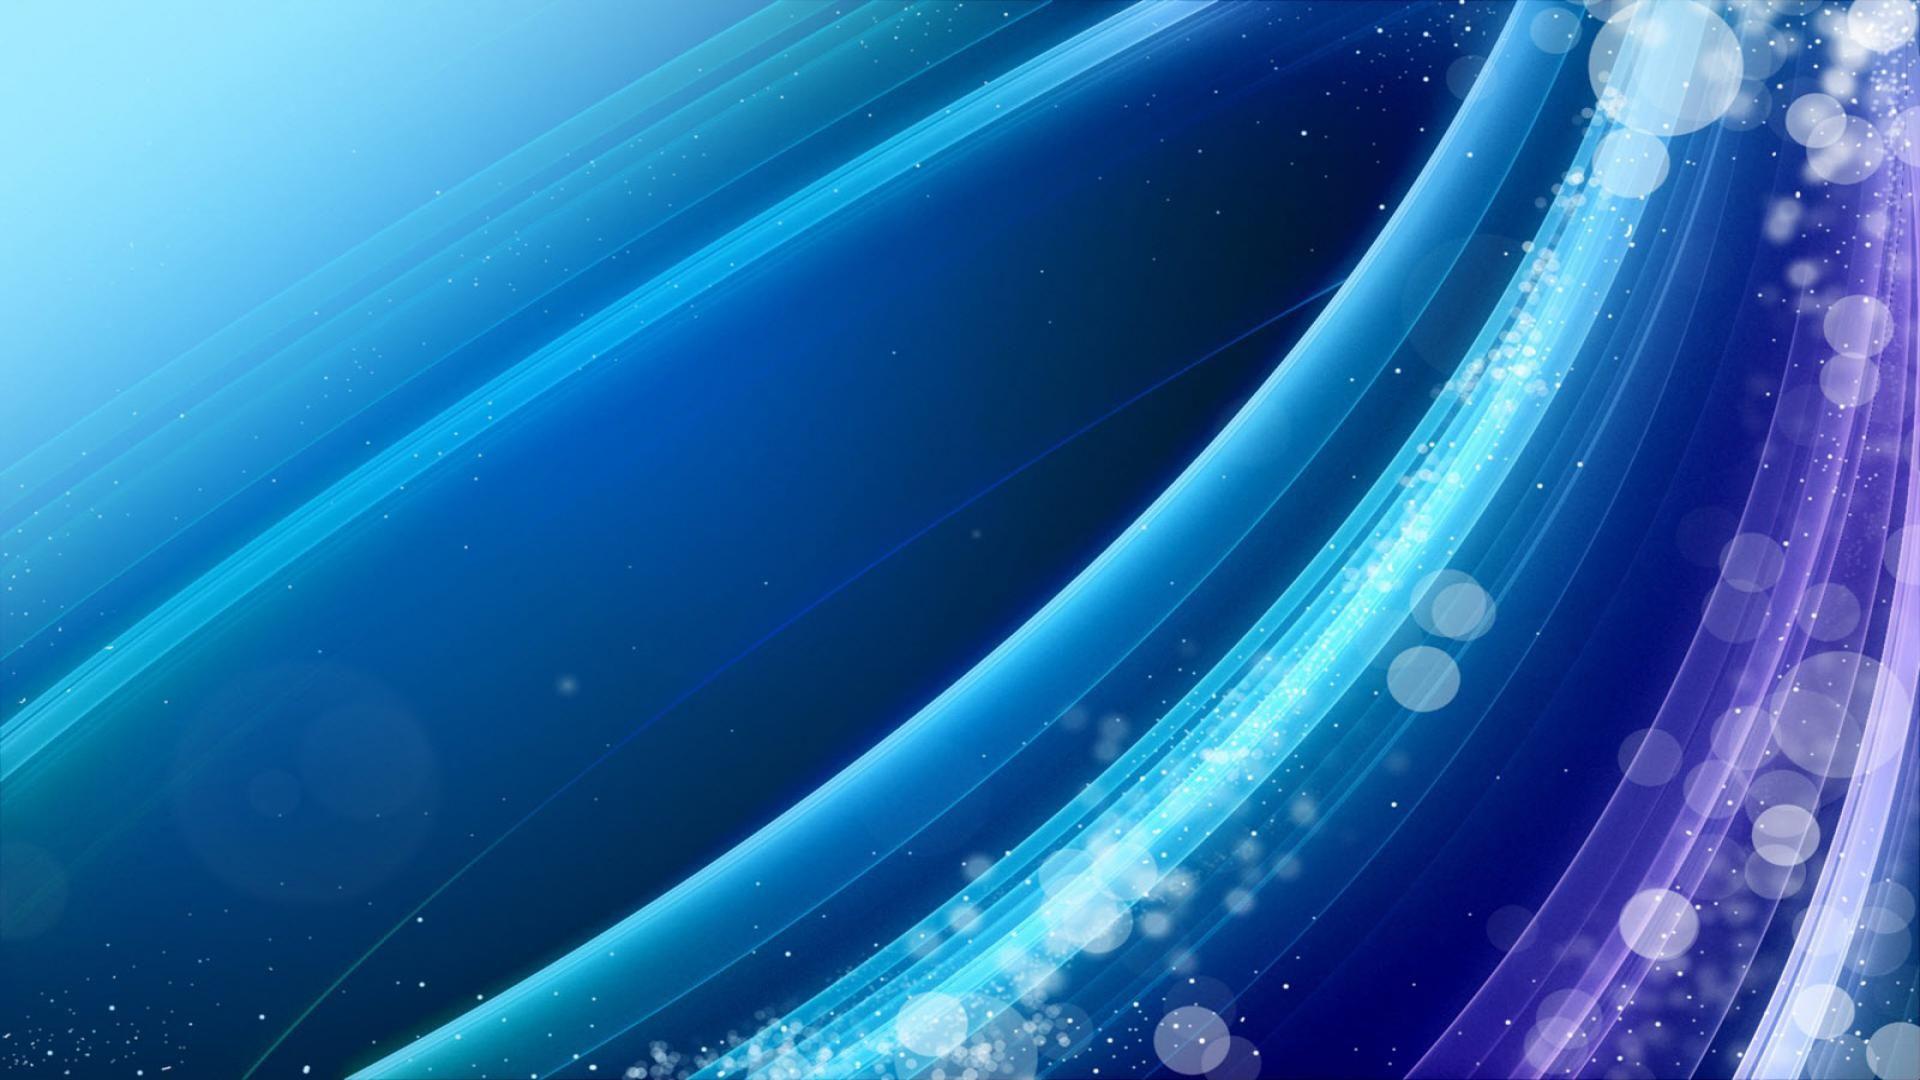 Blue Line desktop background